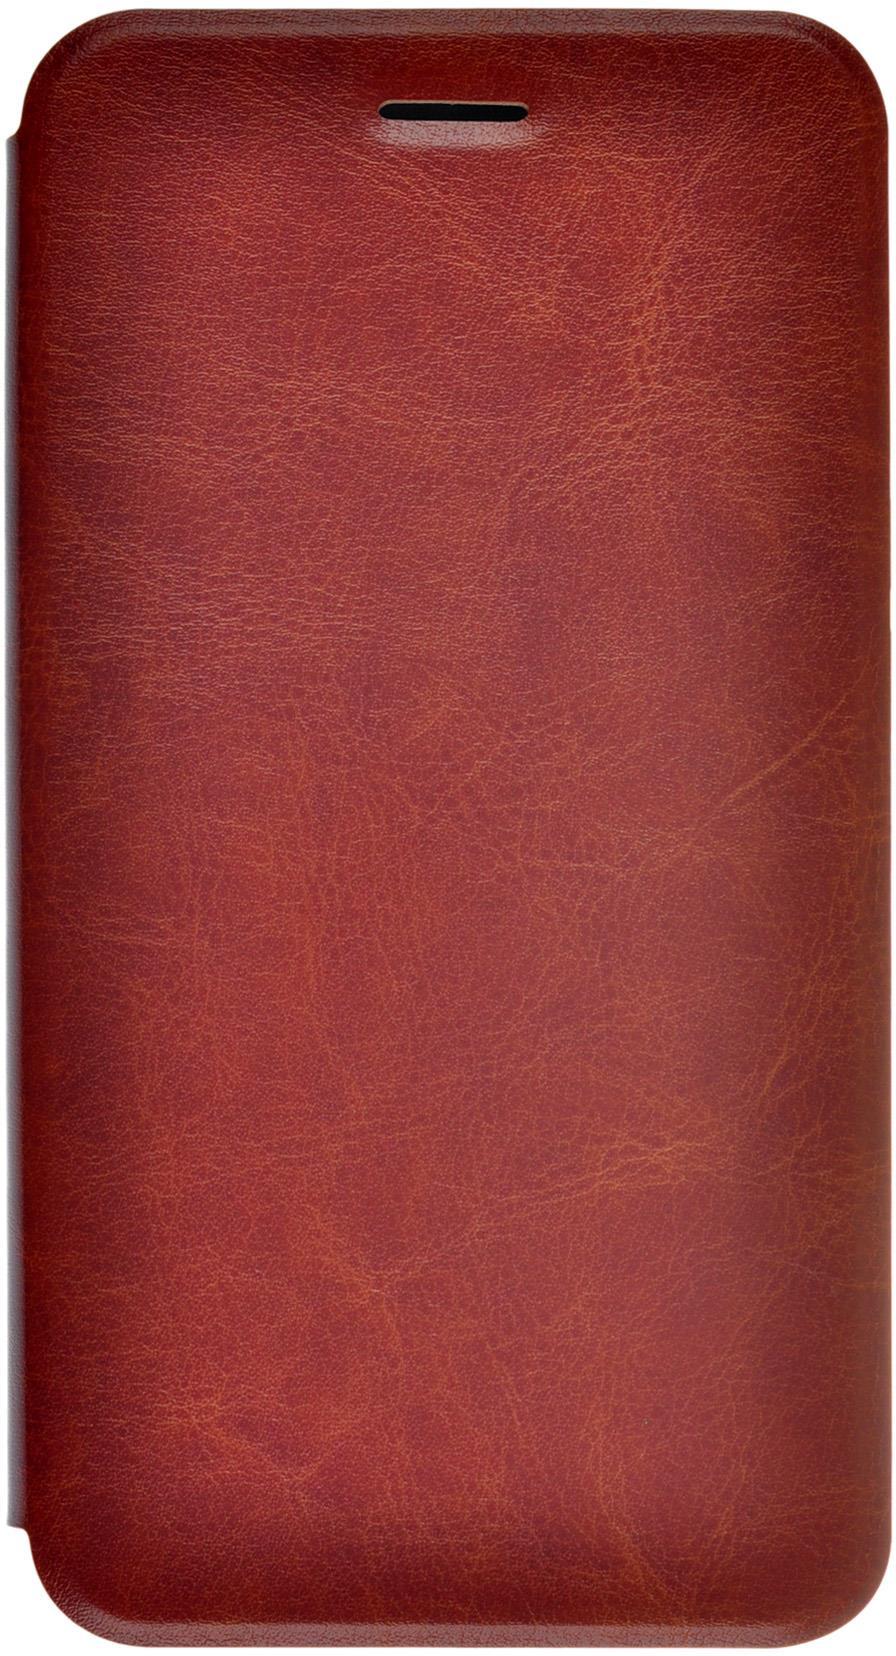 Чехол для сотового телефона skinBOX Lux, 4630042525481, коричневый